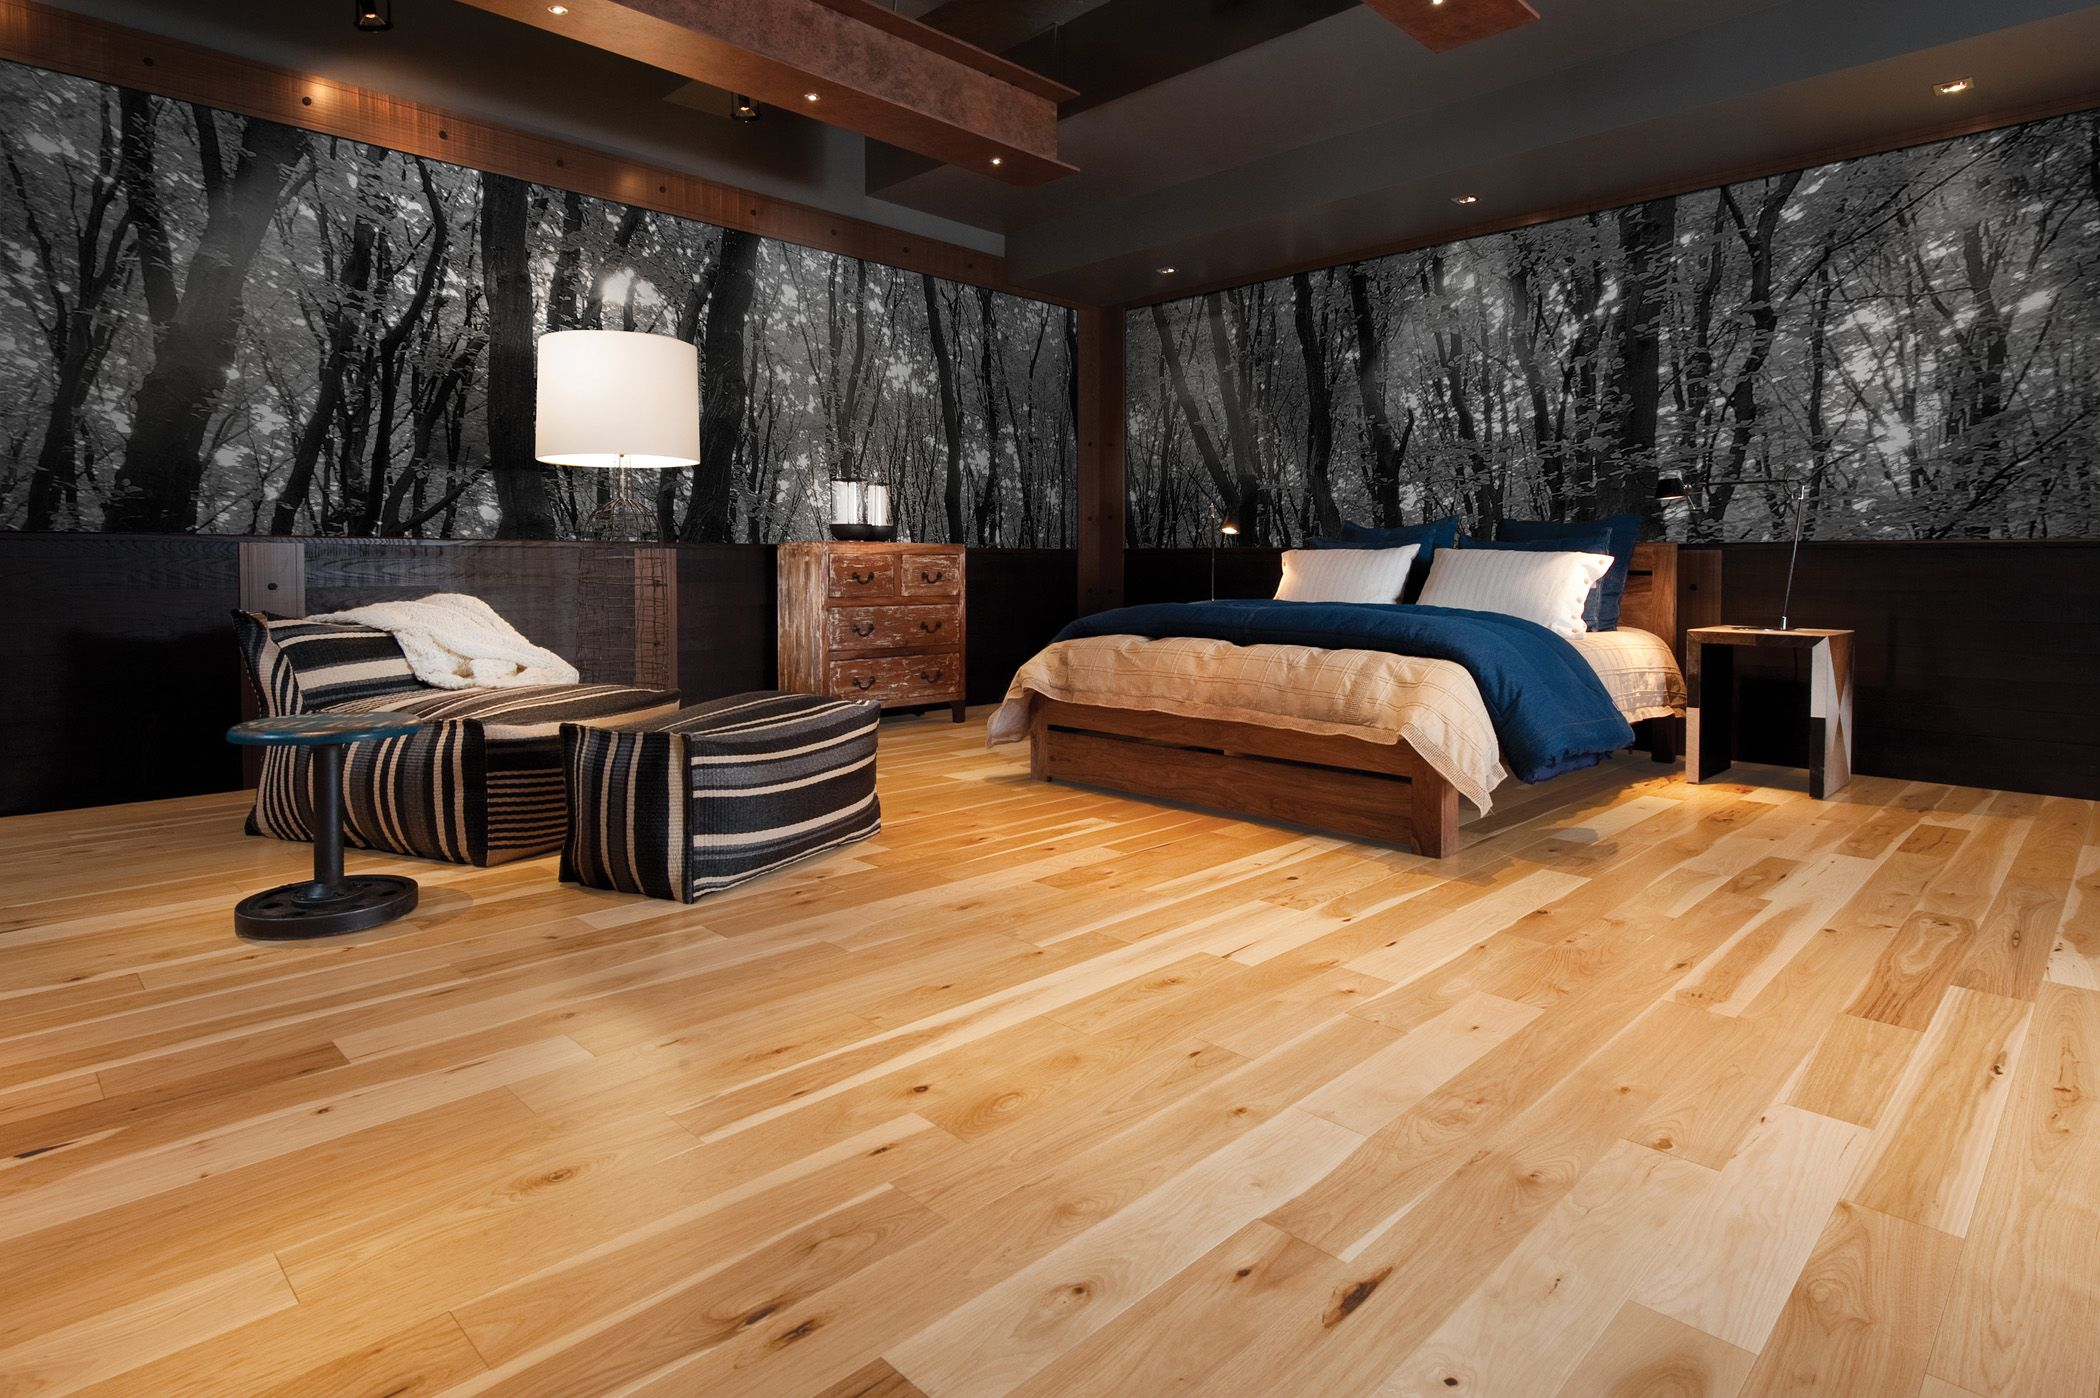 Wooden Flooring Bedroom Images